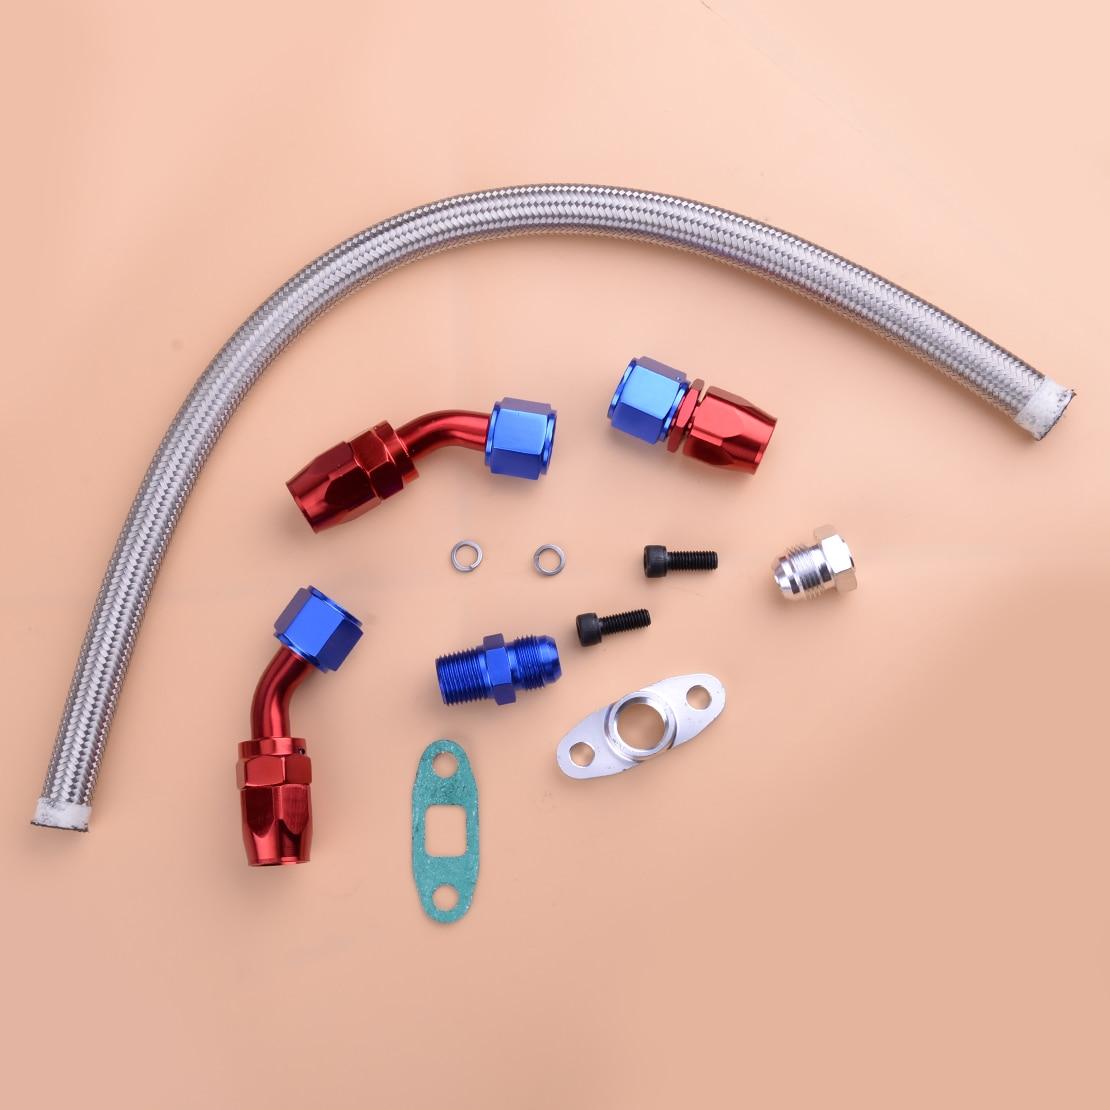 Beler nouveau Kit de ligne de vidange de retour d'huile Durable pour Turbo chargeur pour T3 T4 T70 T66 TO4E accessoires